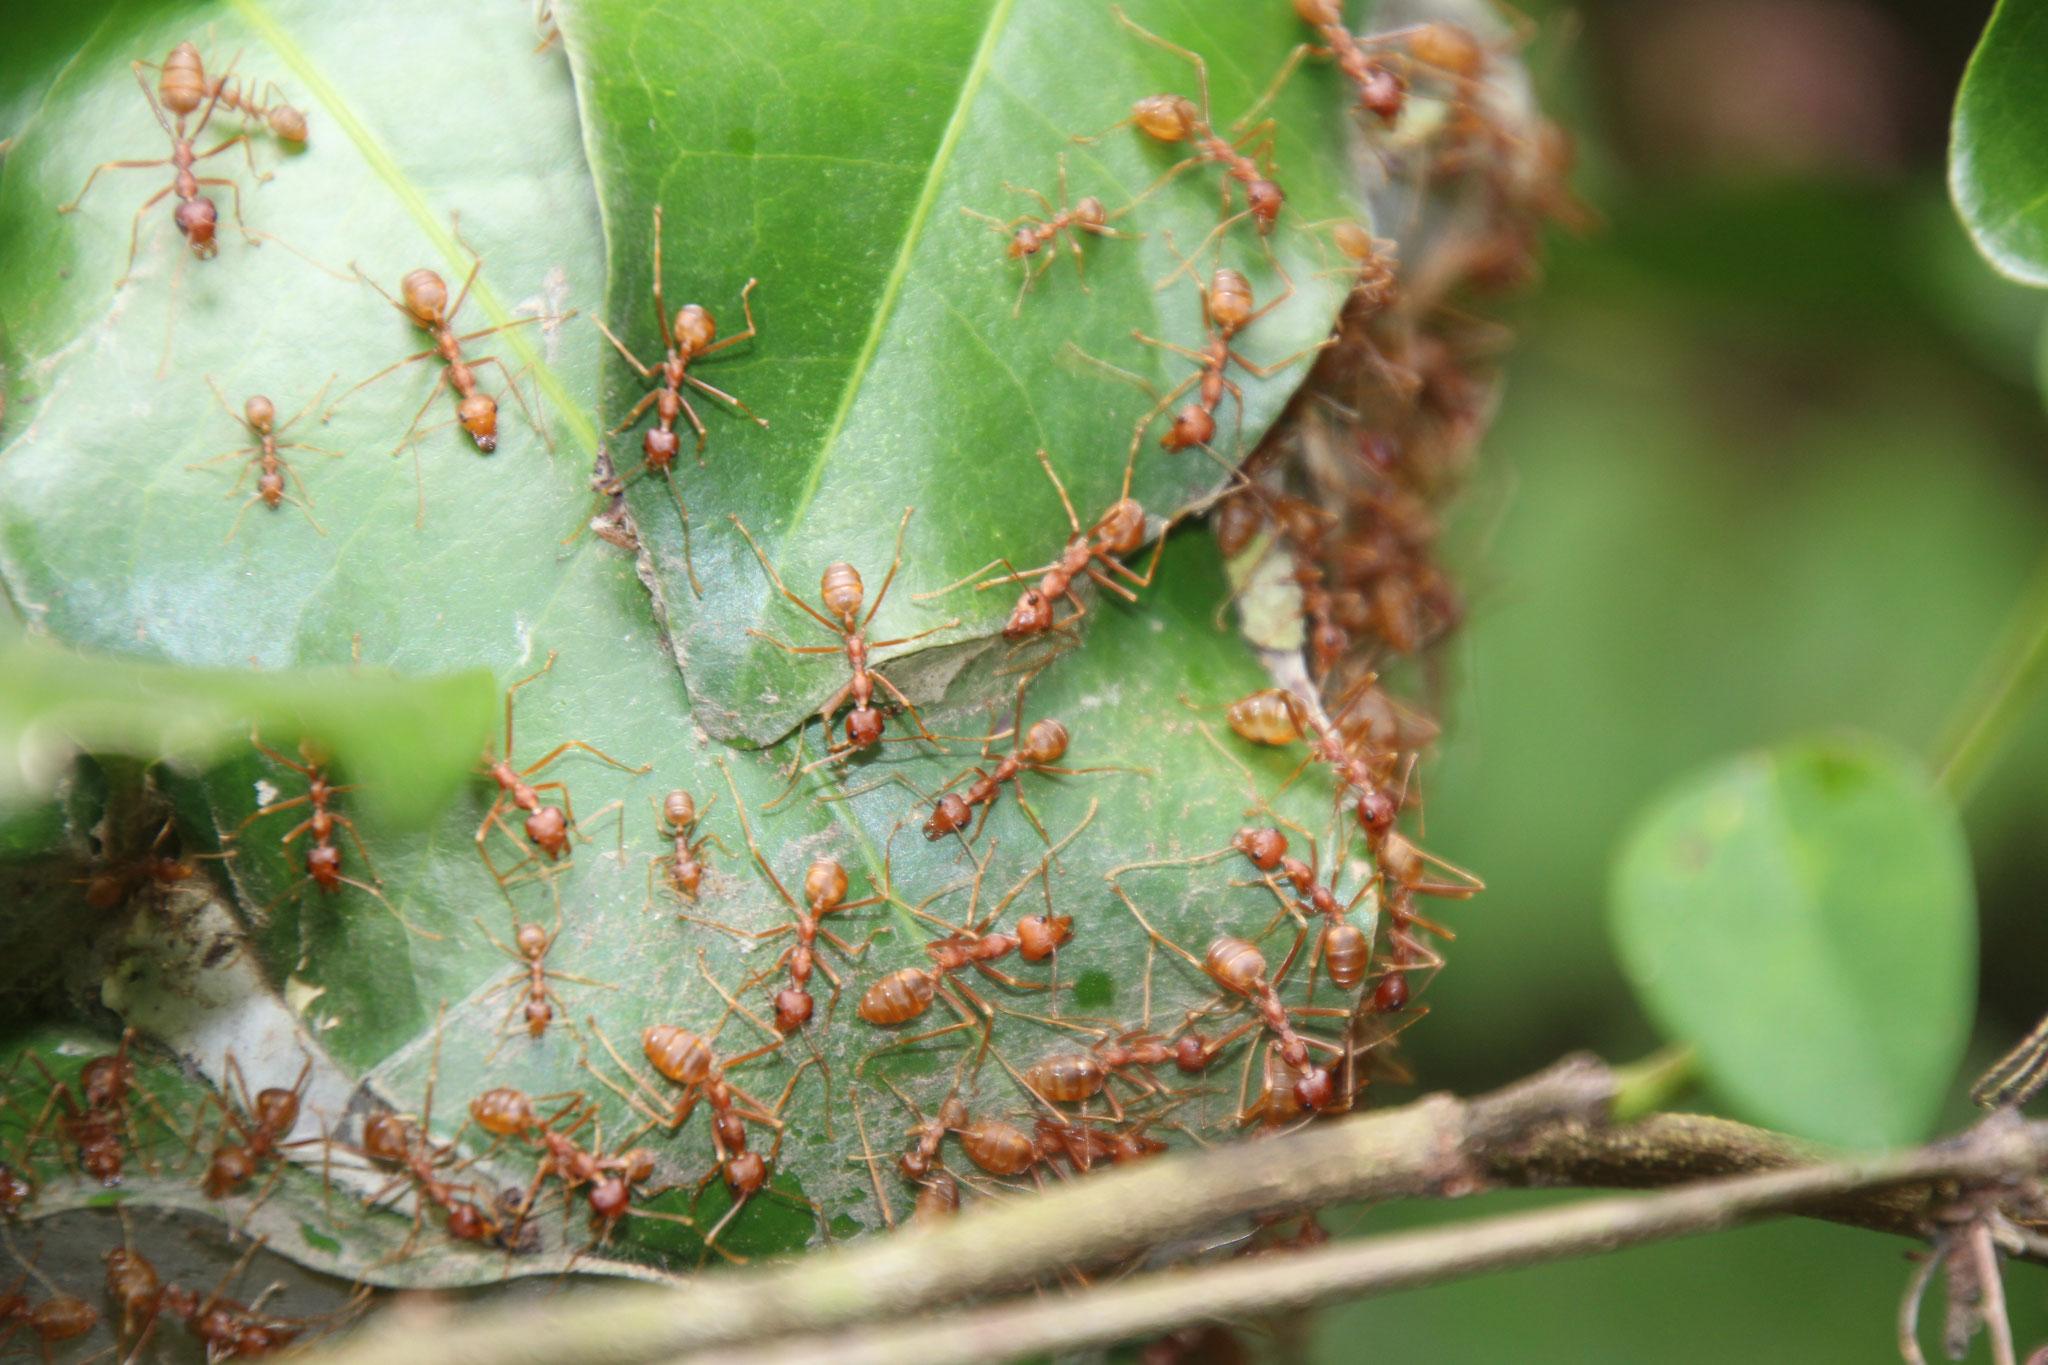 Ameisen nähen die Blätter zusammen. Der Stich dieser Ammeisen ist sehr schmerzhaft.